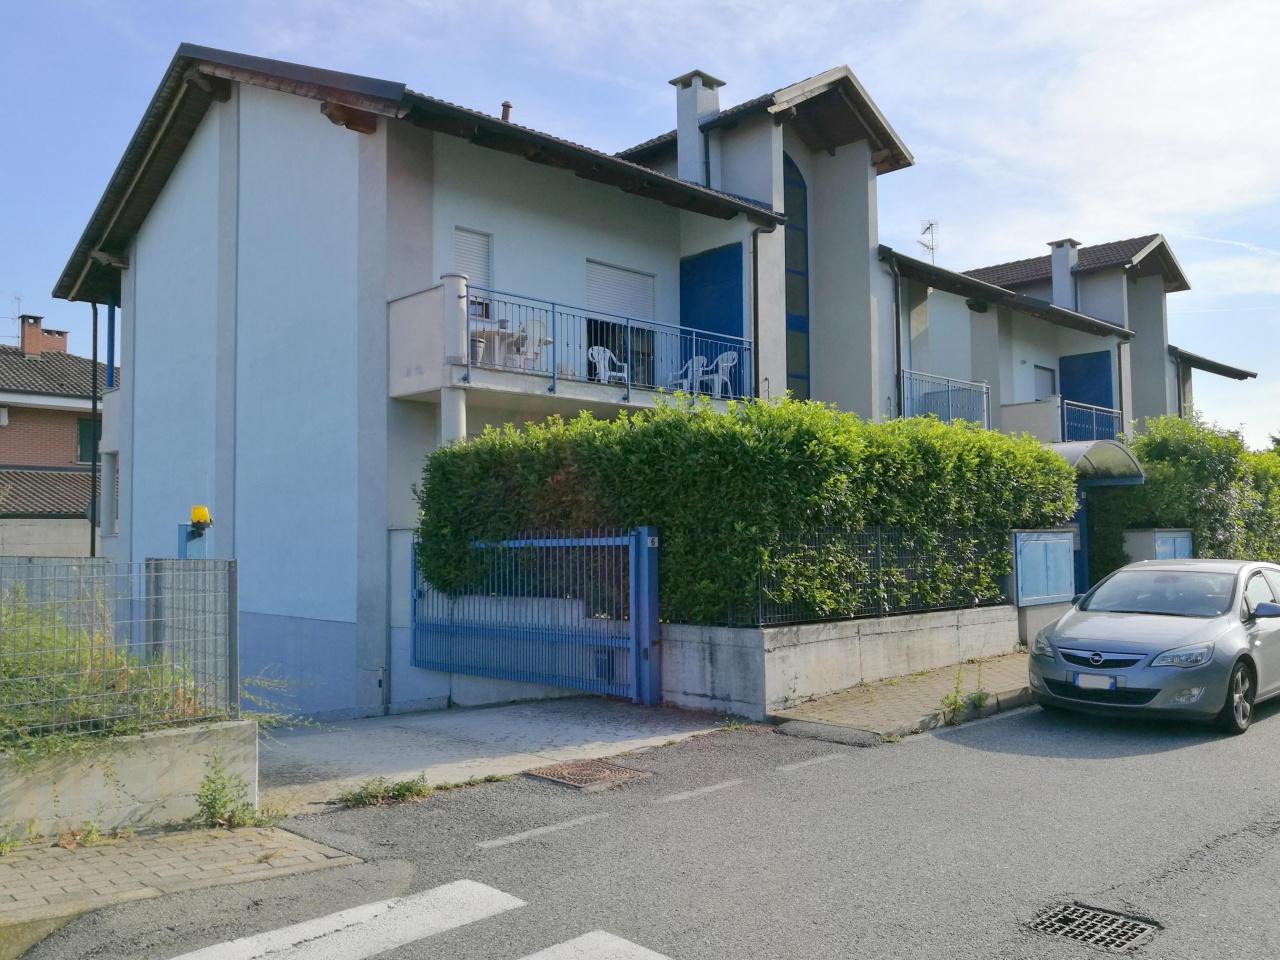 Appartamento in vendita a Cigliano, 3 locali, prezzo € 89.000 | CambioCasa.it